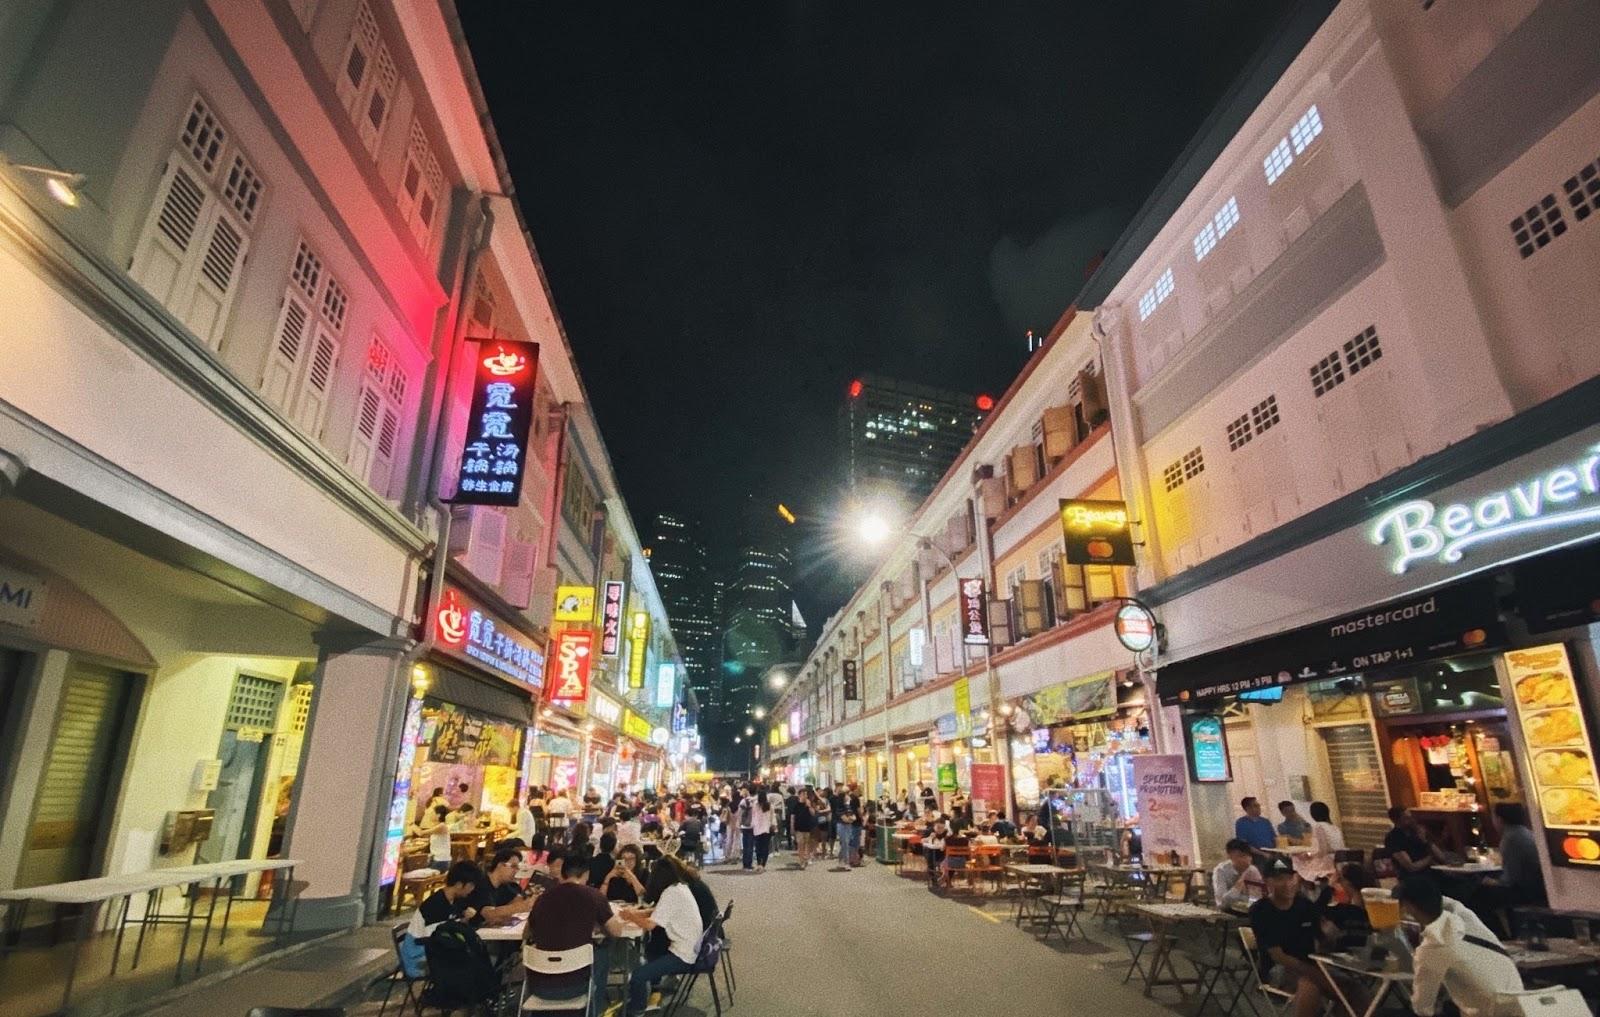 20210308 - 武吉士连城街 (1).jpg